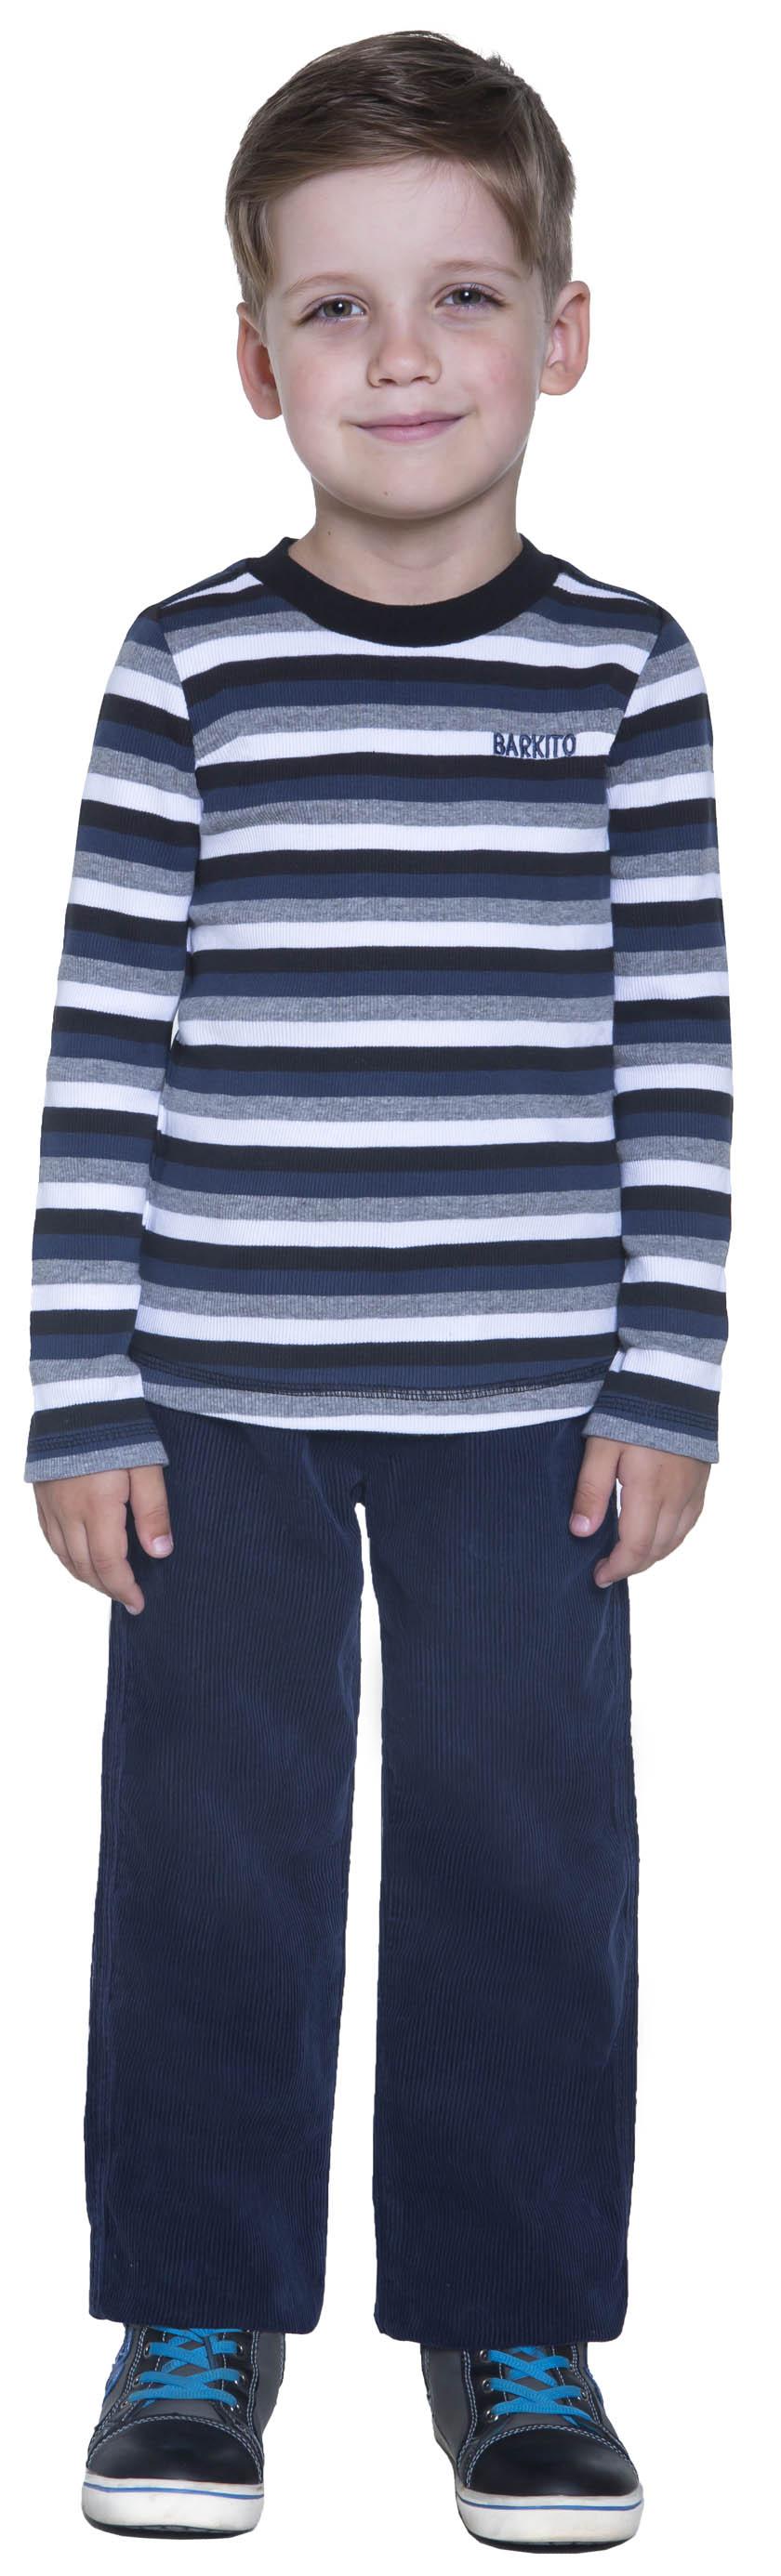 Футболки Barkito Футболка с длинным рукавом для мальчика Barkito, Динамика, белая с рисунком полоска футболки barkito футболка с длинным рукавом для мальчика barkito монстр трак синяя